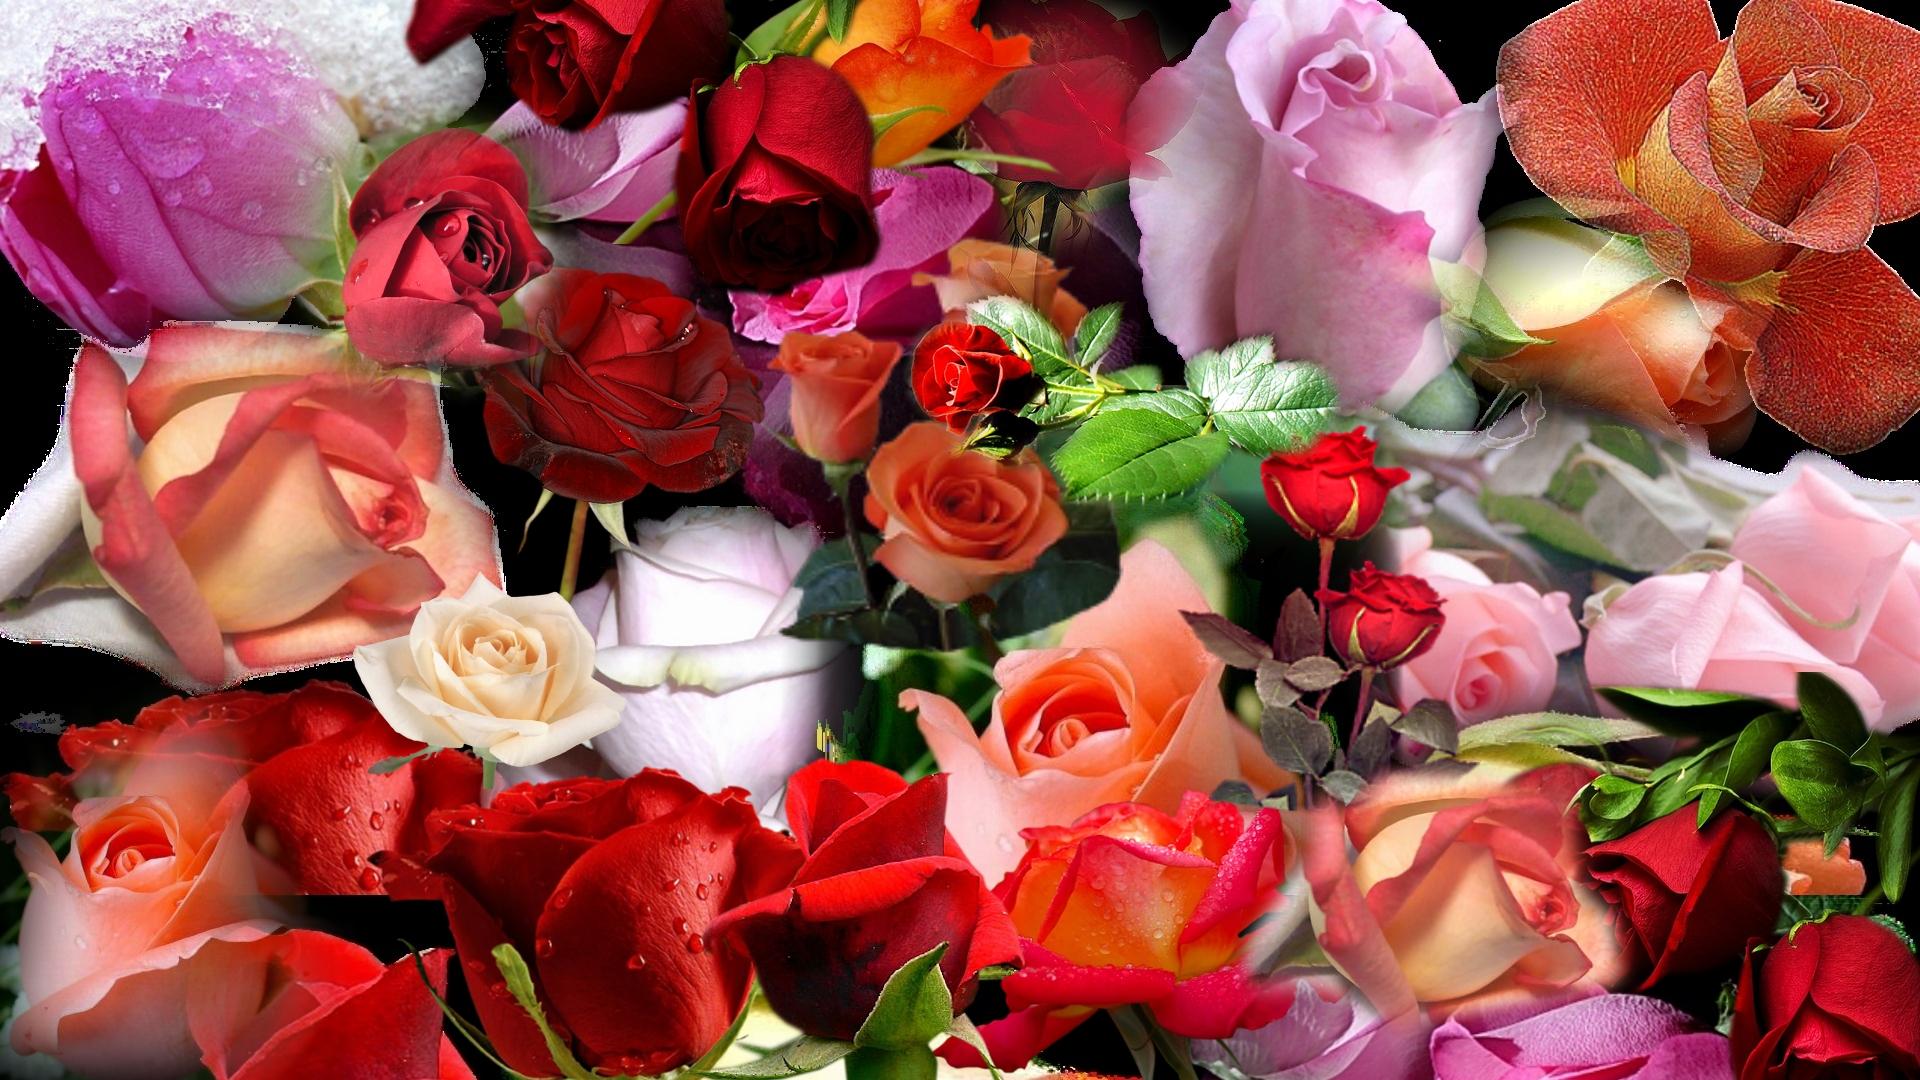 показал поклонникам плейкаст самые красивые цветы большие открытки картину такие